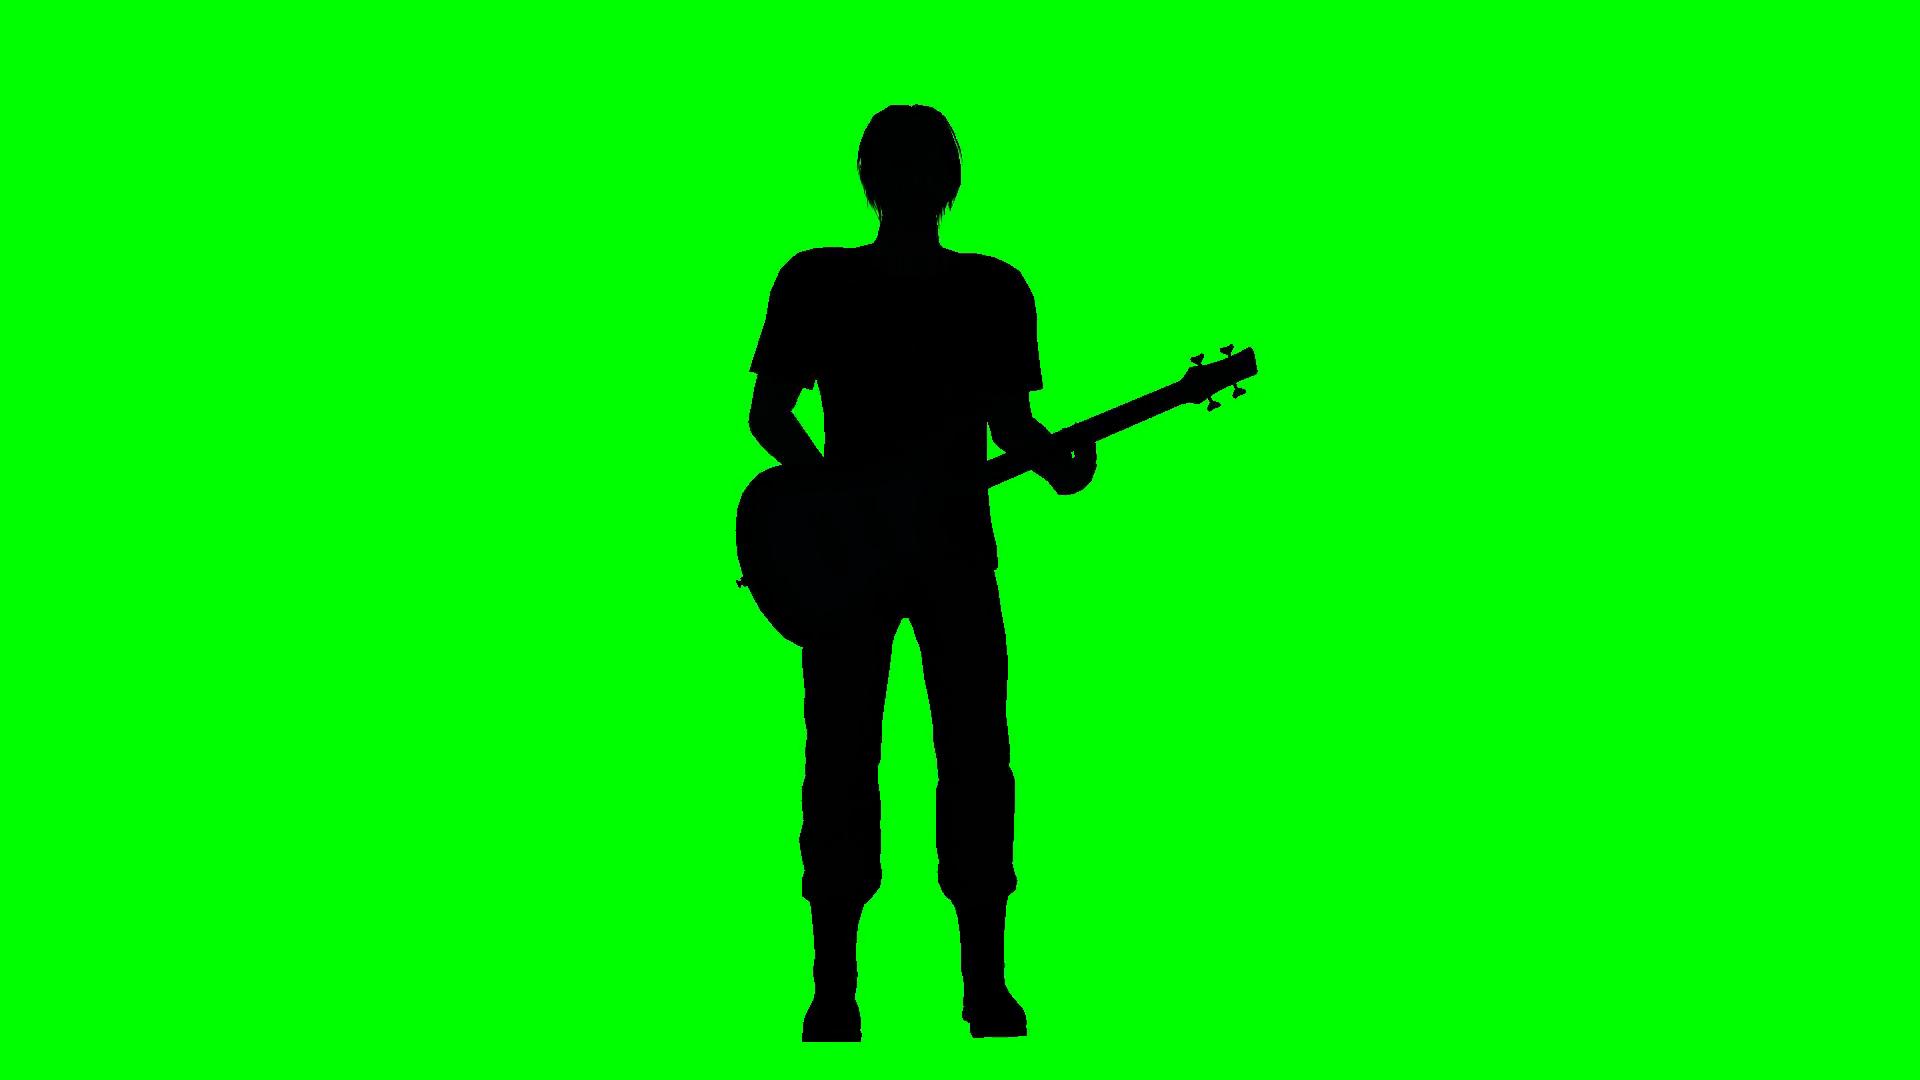 1920x1080 Rock Musician Playing Guitar Silhouette Green Screen Motion